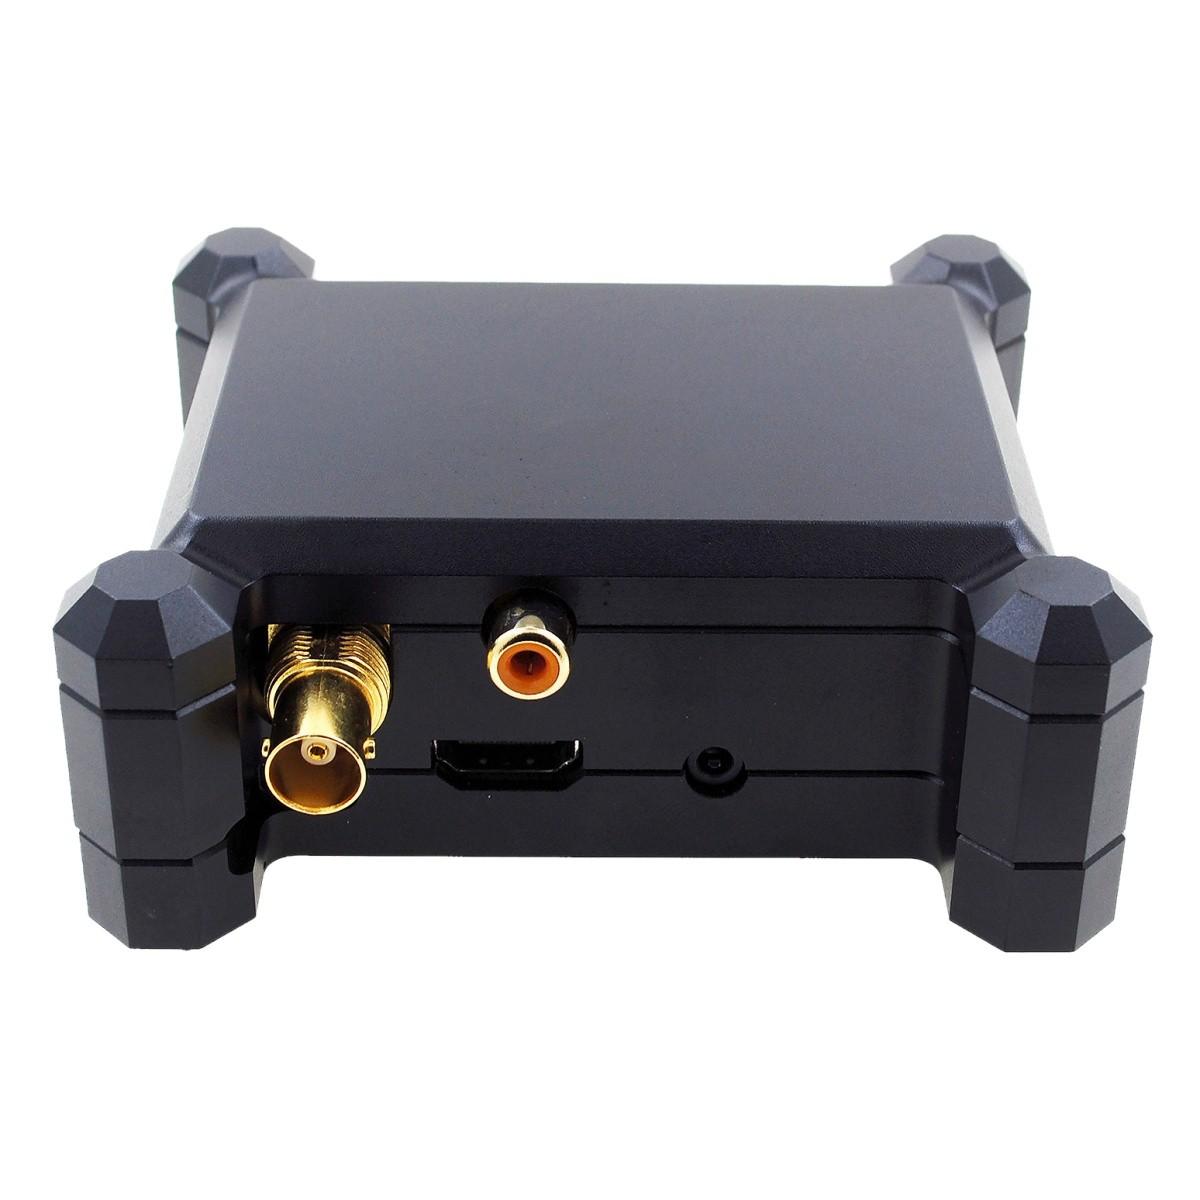 ALLO aluminum case for DigiOne player and Raspberry Pi